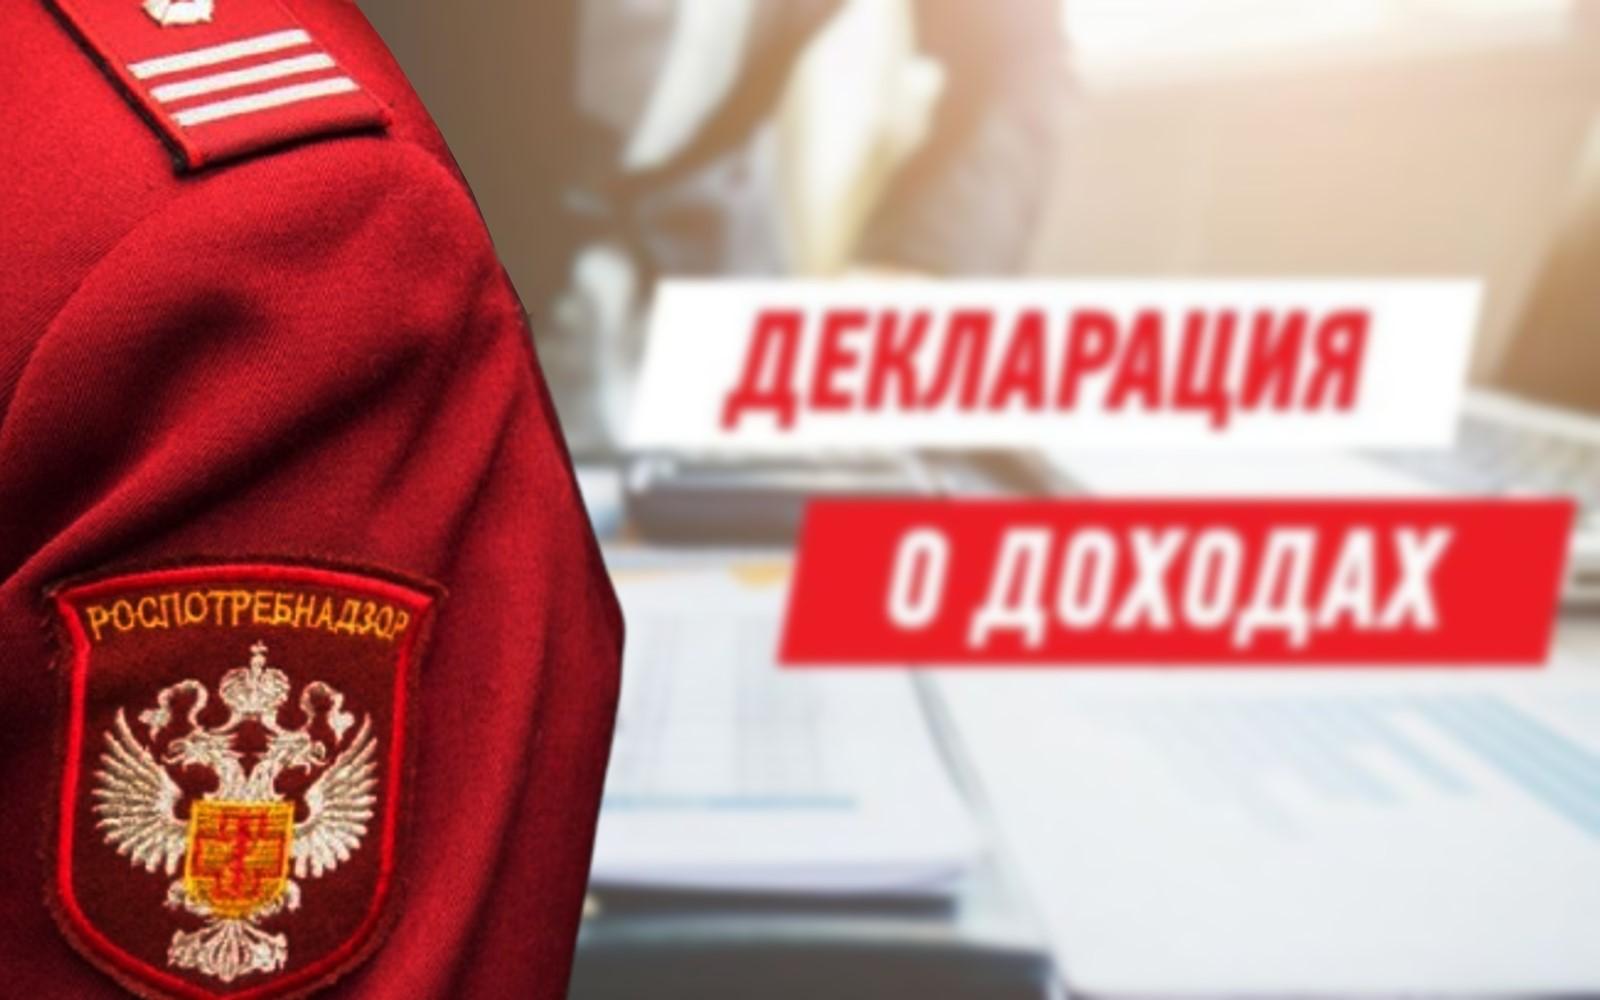 Семья главы РПН Петербурга Башкетова оказалась крупными землевладельцами